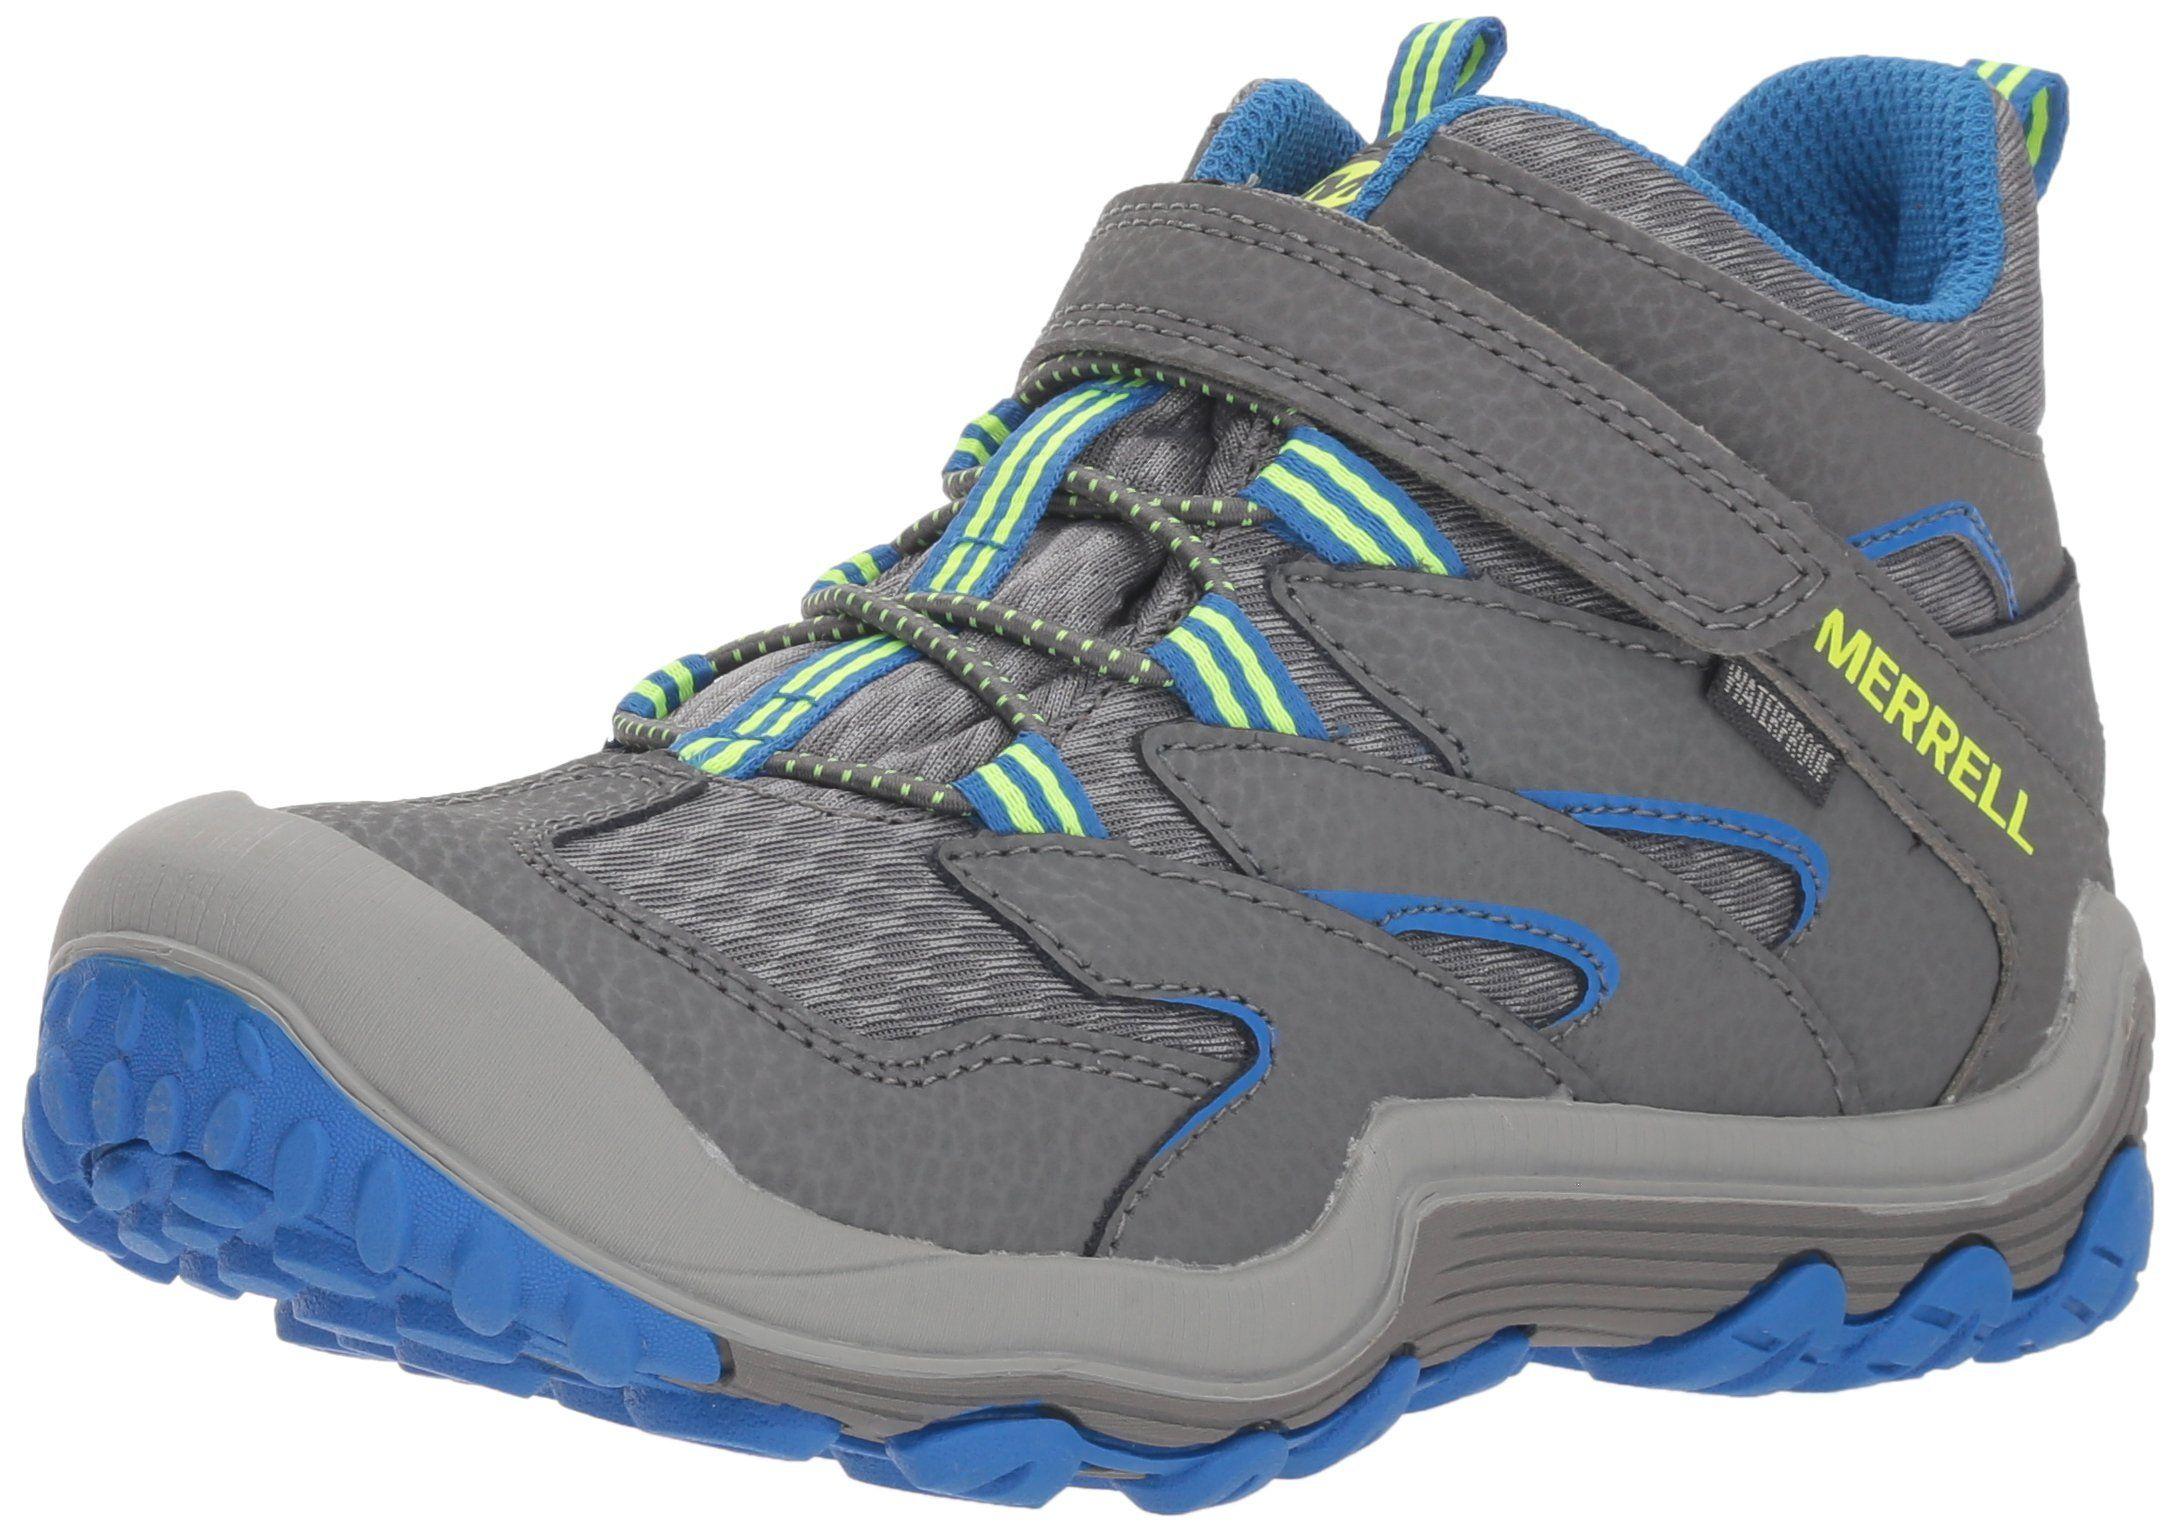 Ac Merrell Hiking ShoeLovely 7 Kids' Access Wtrpf Mid Chameleon c35L4RjSAq